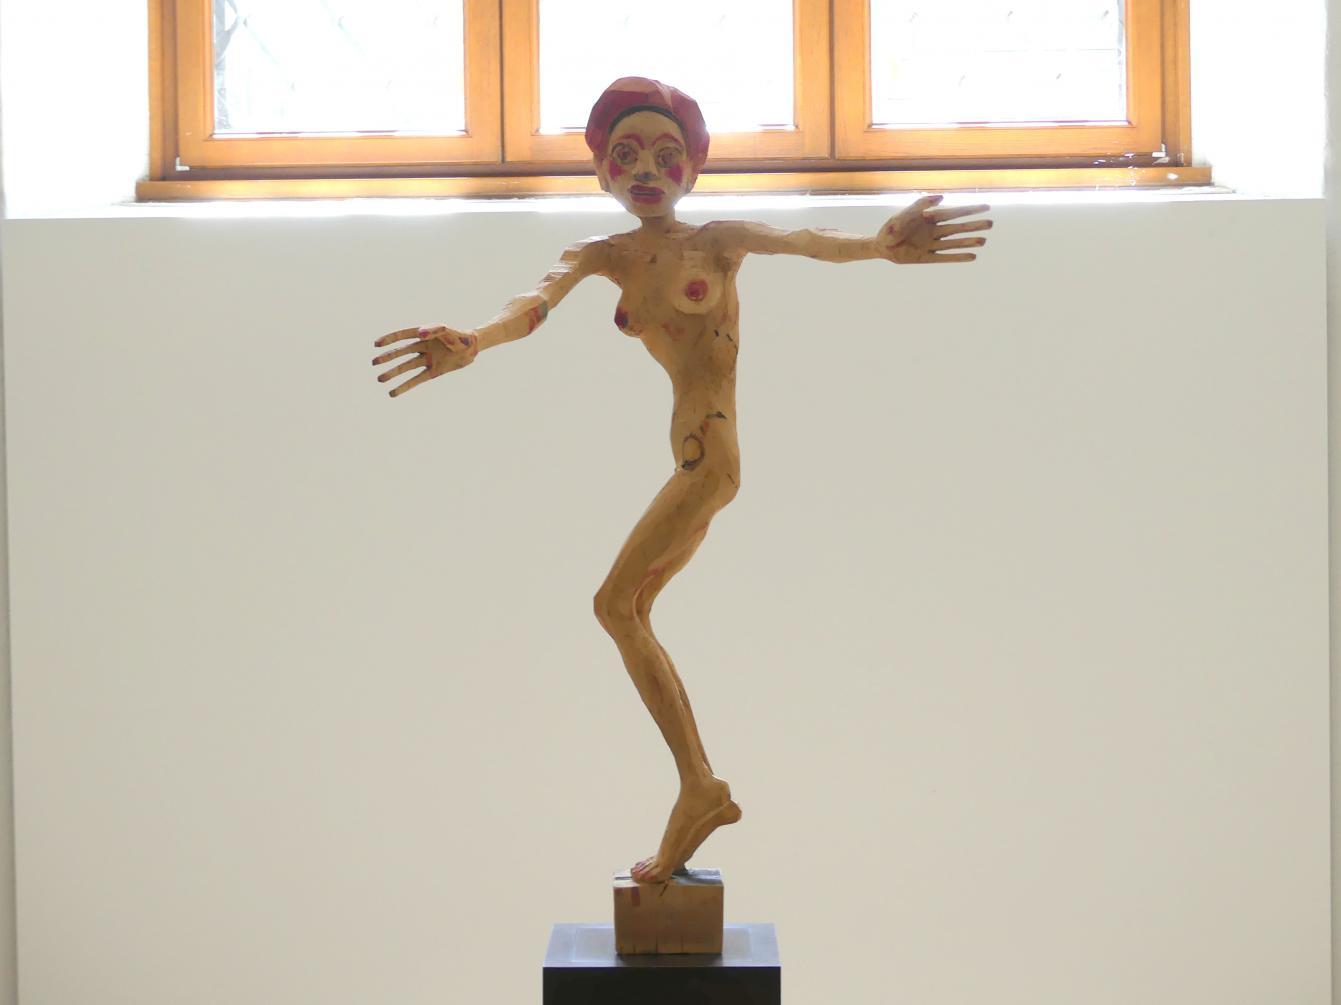 Hans Scheib: Mit offenen Armen, 1997